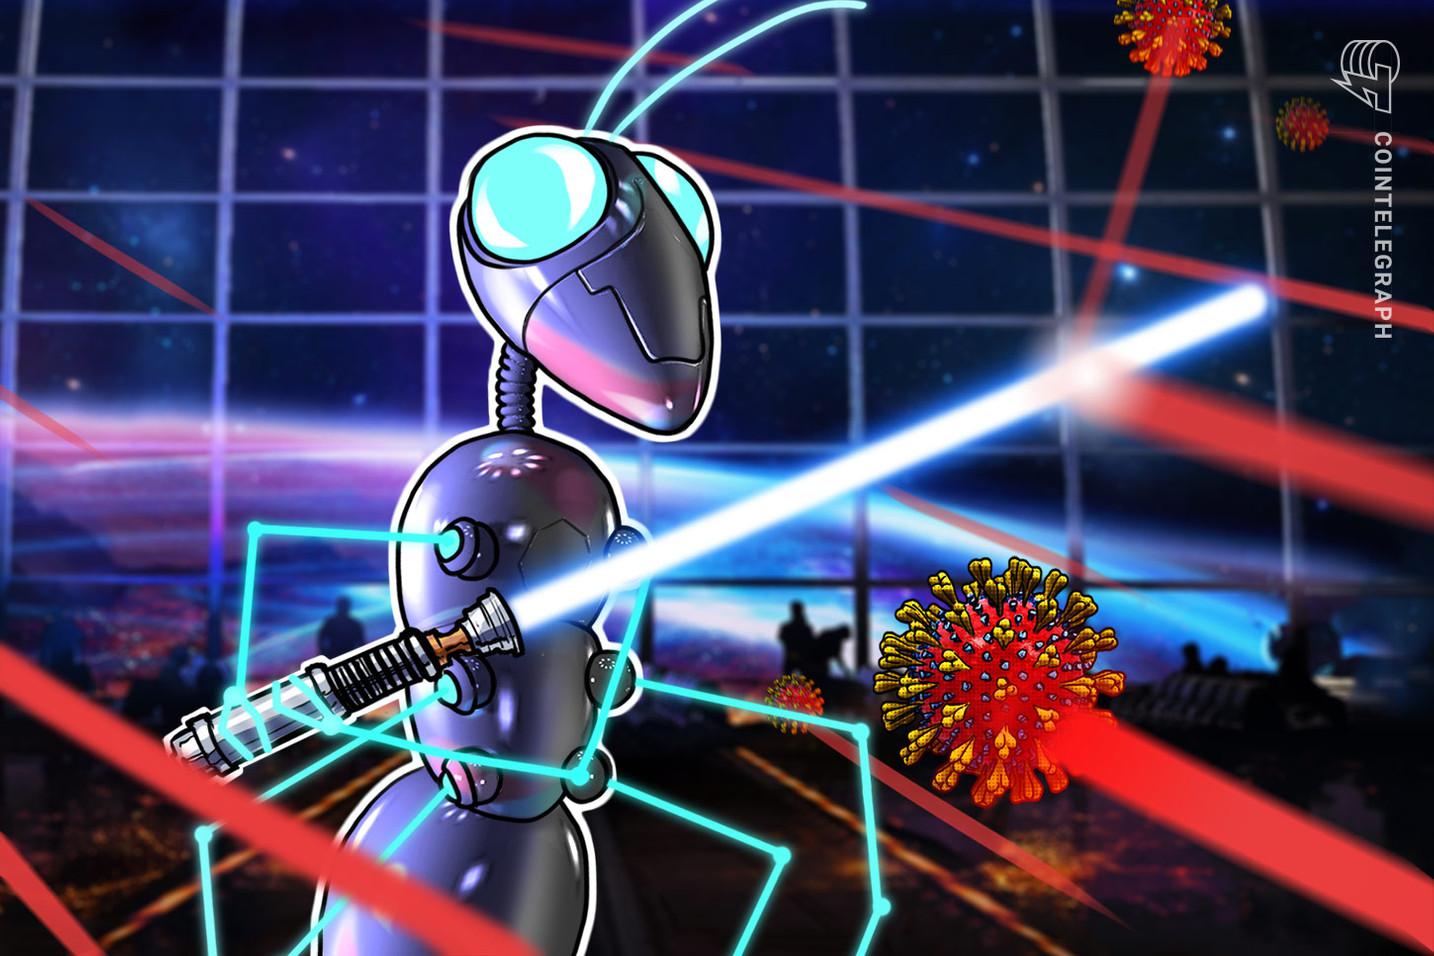 La pandemia de Coronavirus destacó los beneficios de los sistemas basados en blockchain